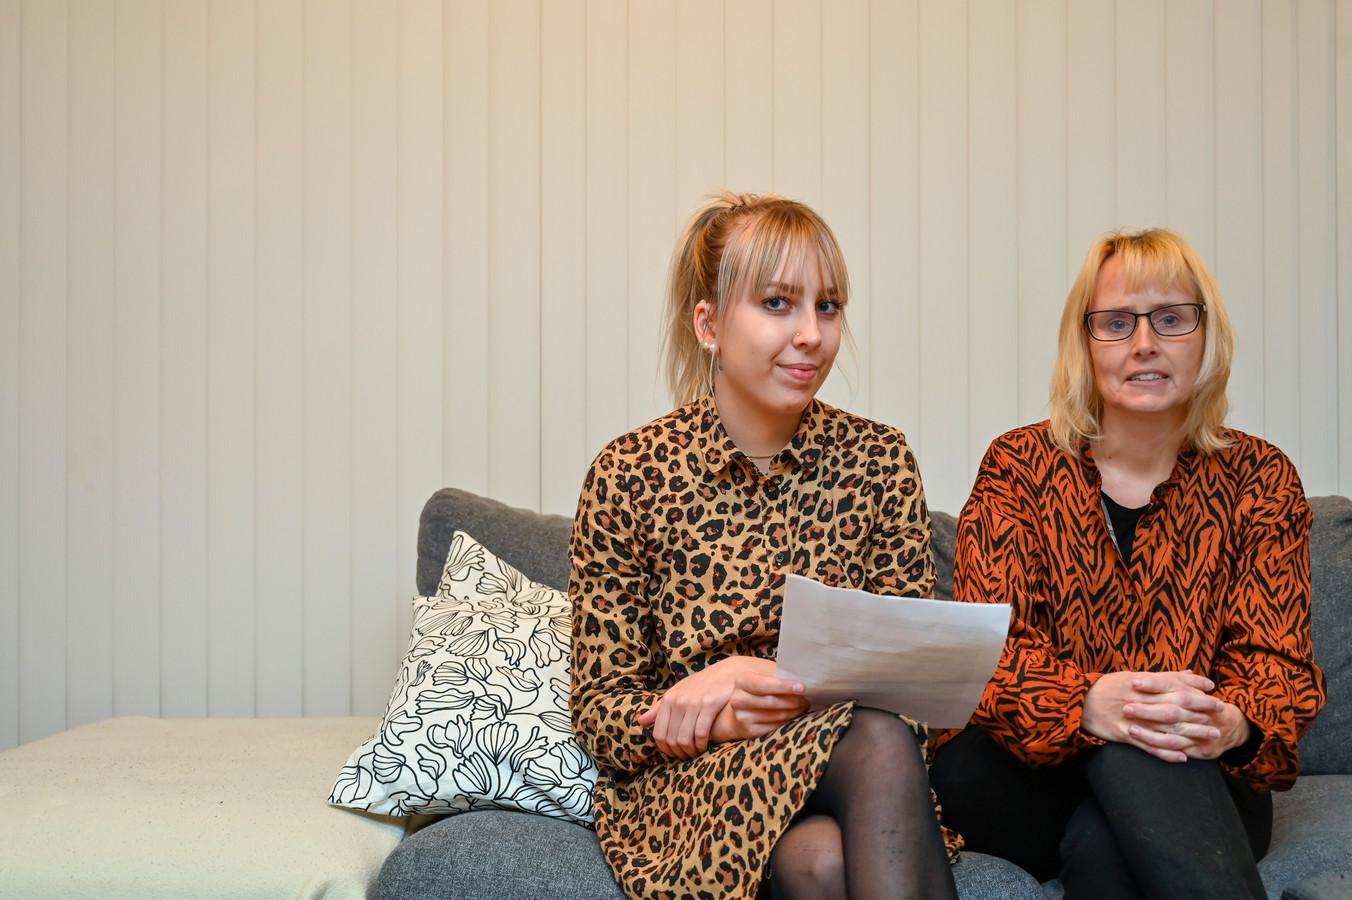 Aisha schreef een brief naar Maggie De Block en Wouter Beke met een vraag om hulp.